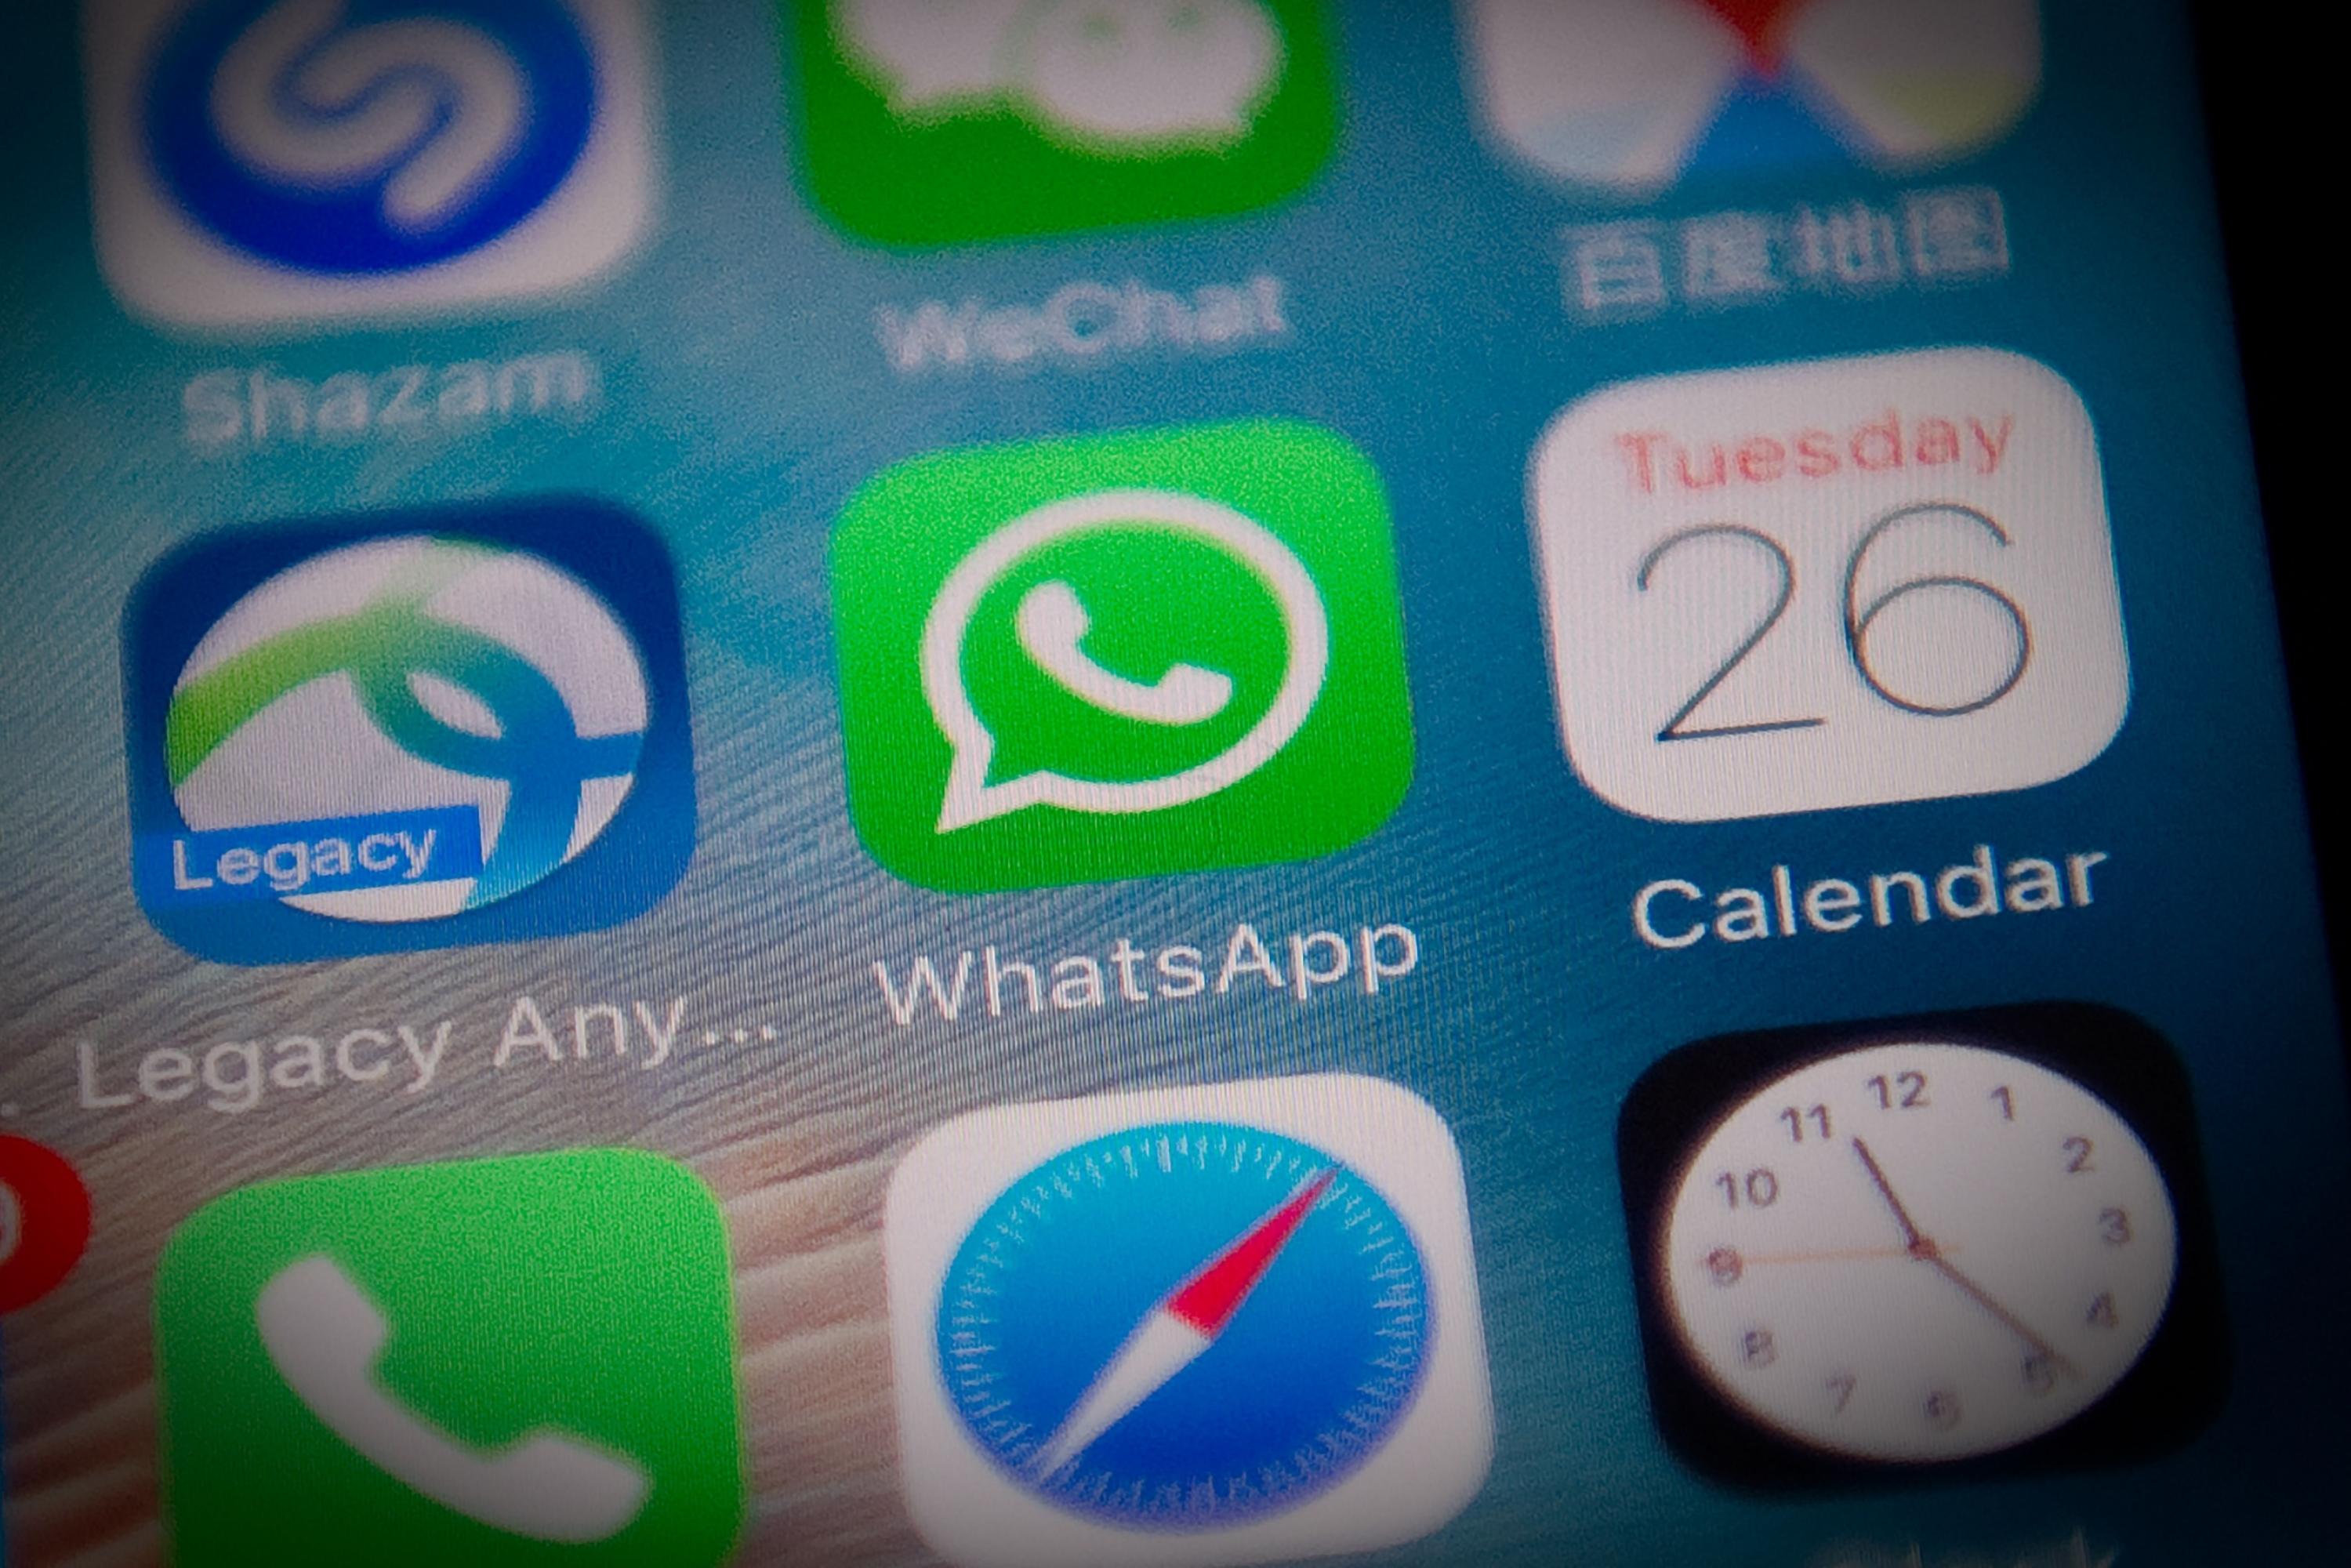 WhatsApp: ¡Cuidado! La publicidad en los estados puede filtrar tu información